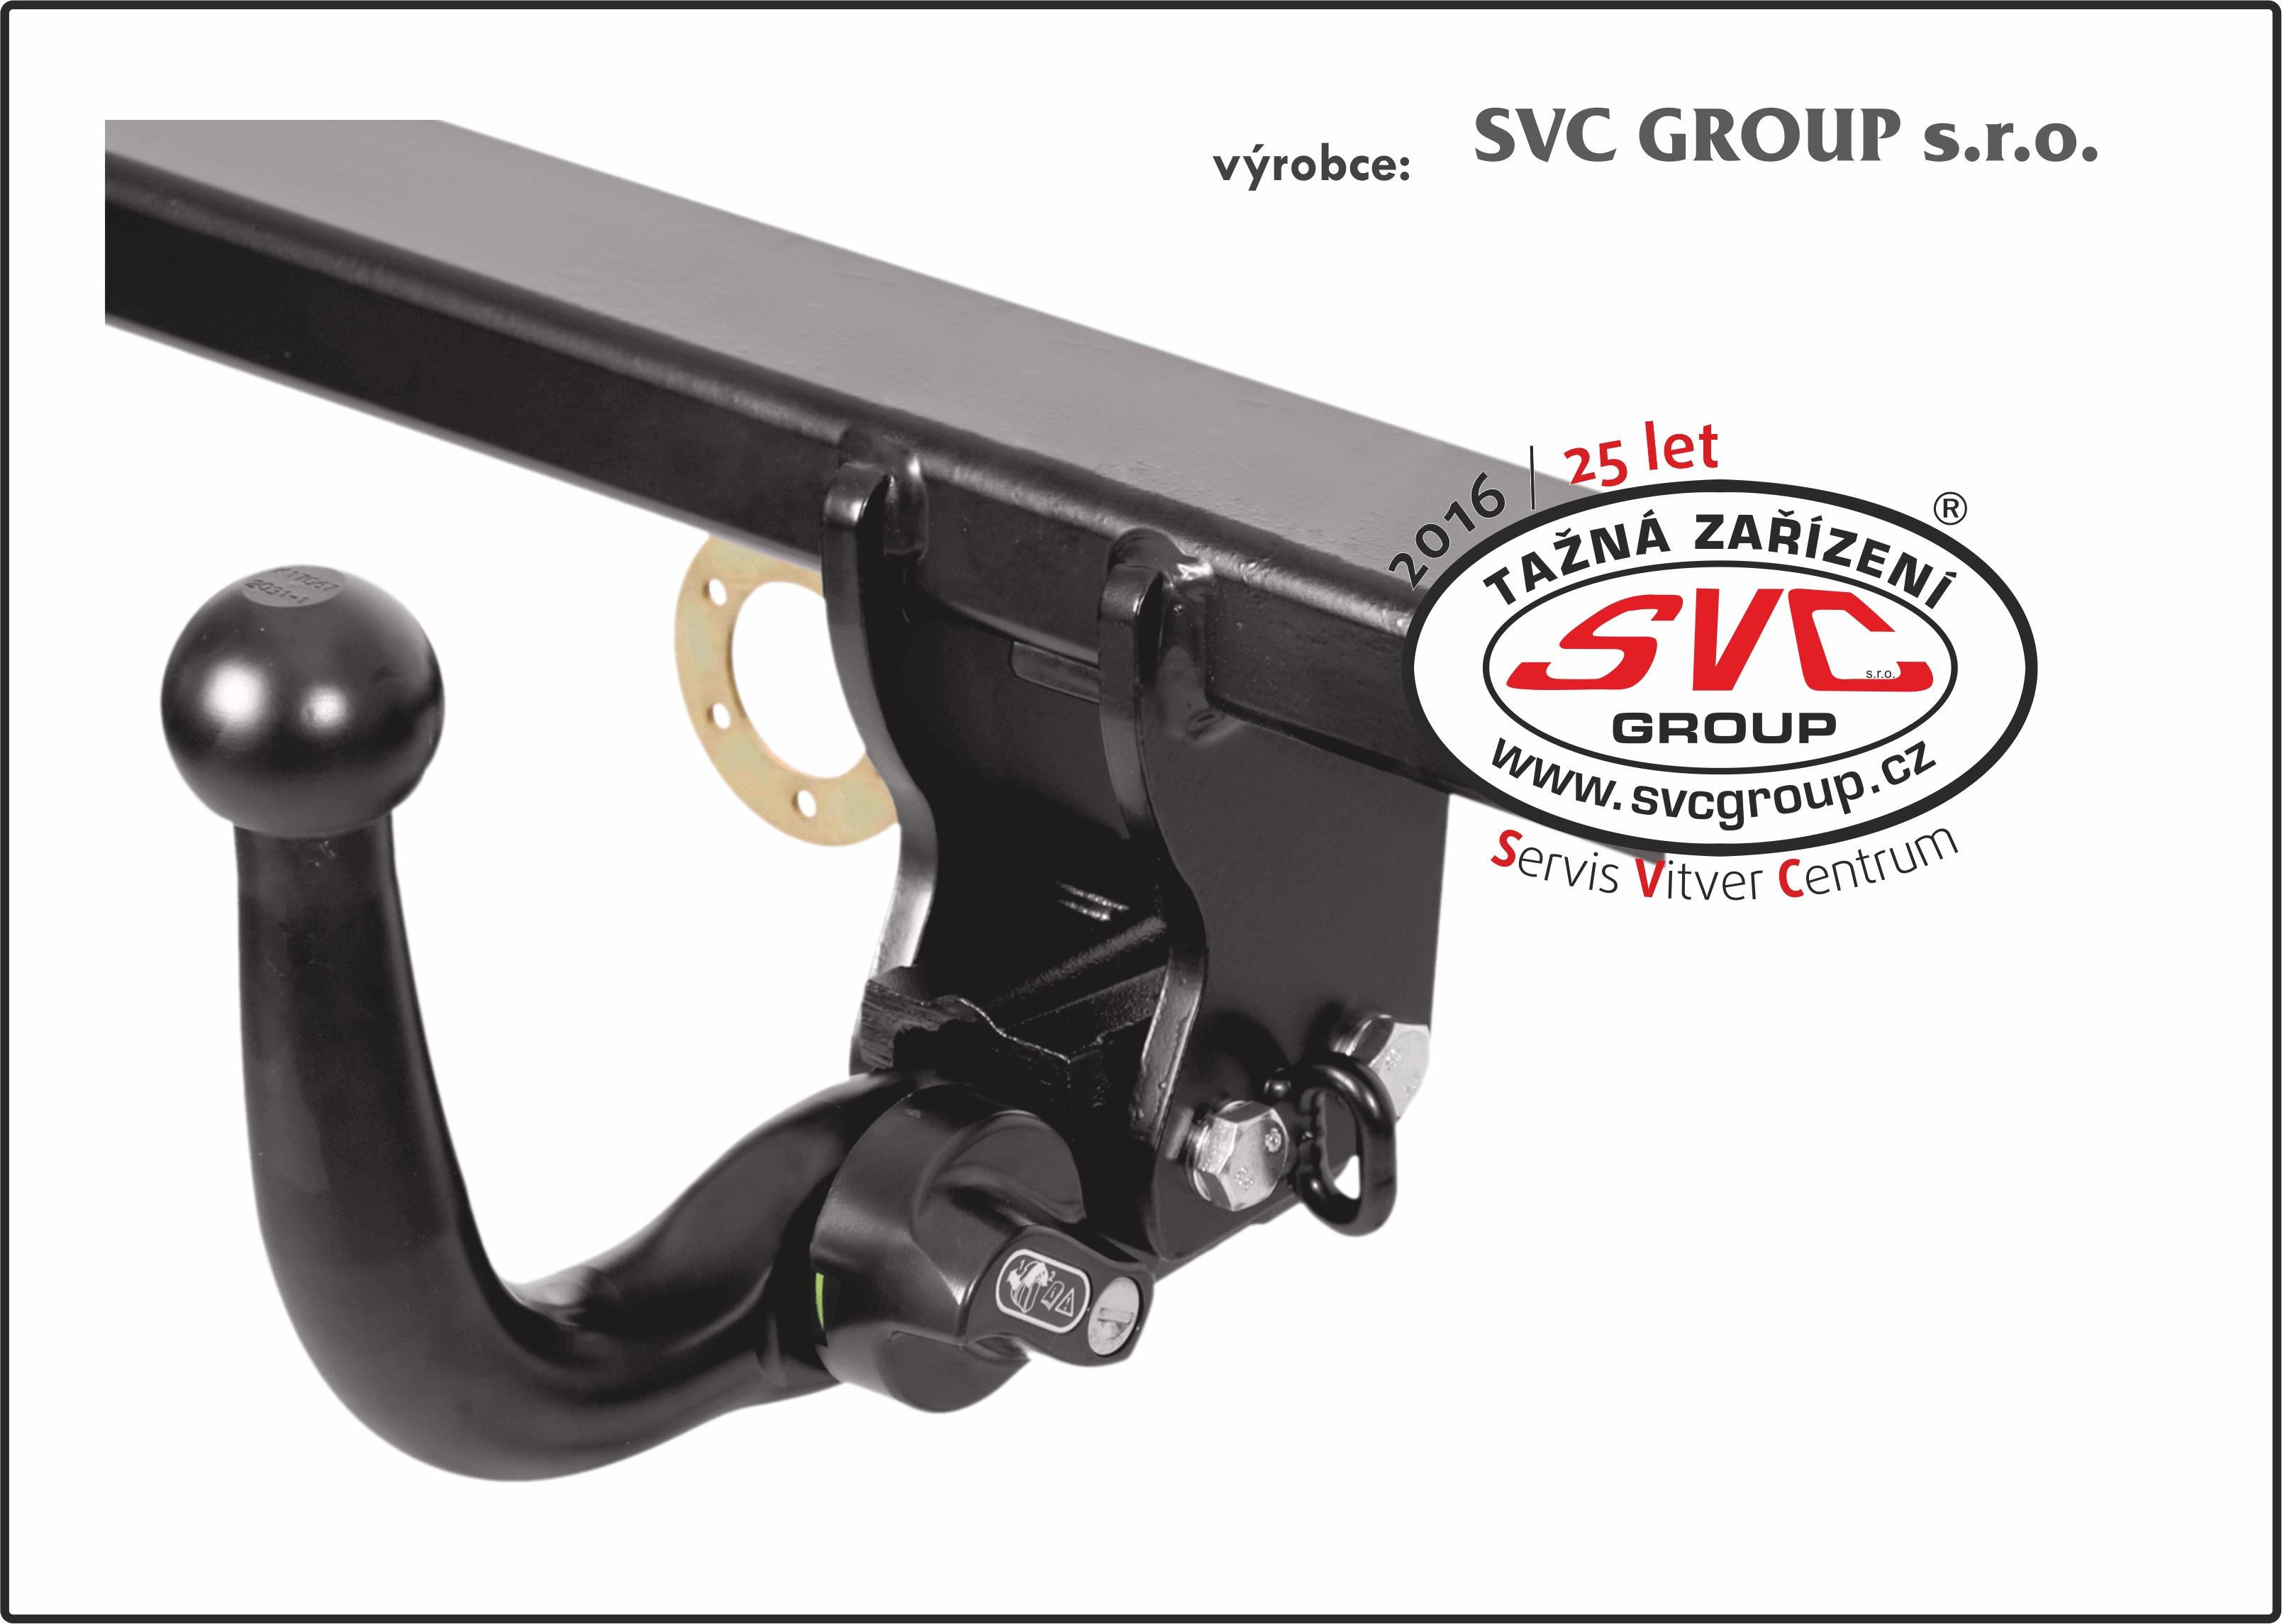 Bajonetové SVMAT-4 Výrobek SVC  Horizontální – podélný  plně zamykatelný automatický bajonet v černém elegantním provedení. Kulový čep dle nařízení EU musí být z vozu demontován, pokud není připojený přívěsný vozík nebo nosič kol. Kulový čep lze nasadit a zajistit jednou rukou, tento systém je také uzamykatelný.  GROUP českého výrobce